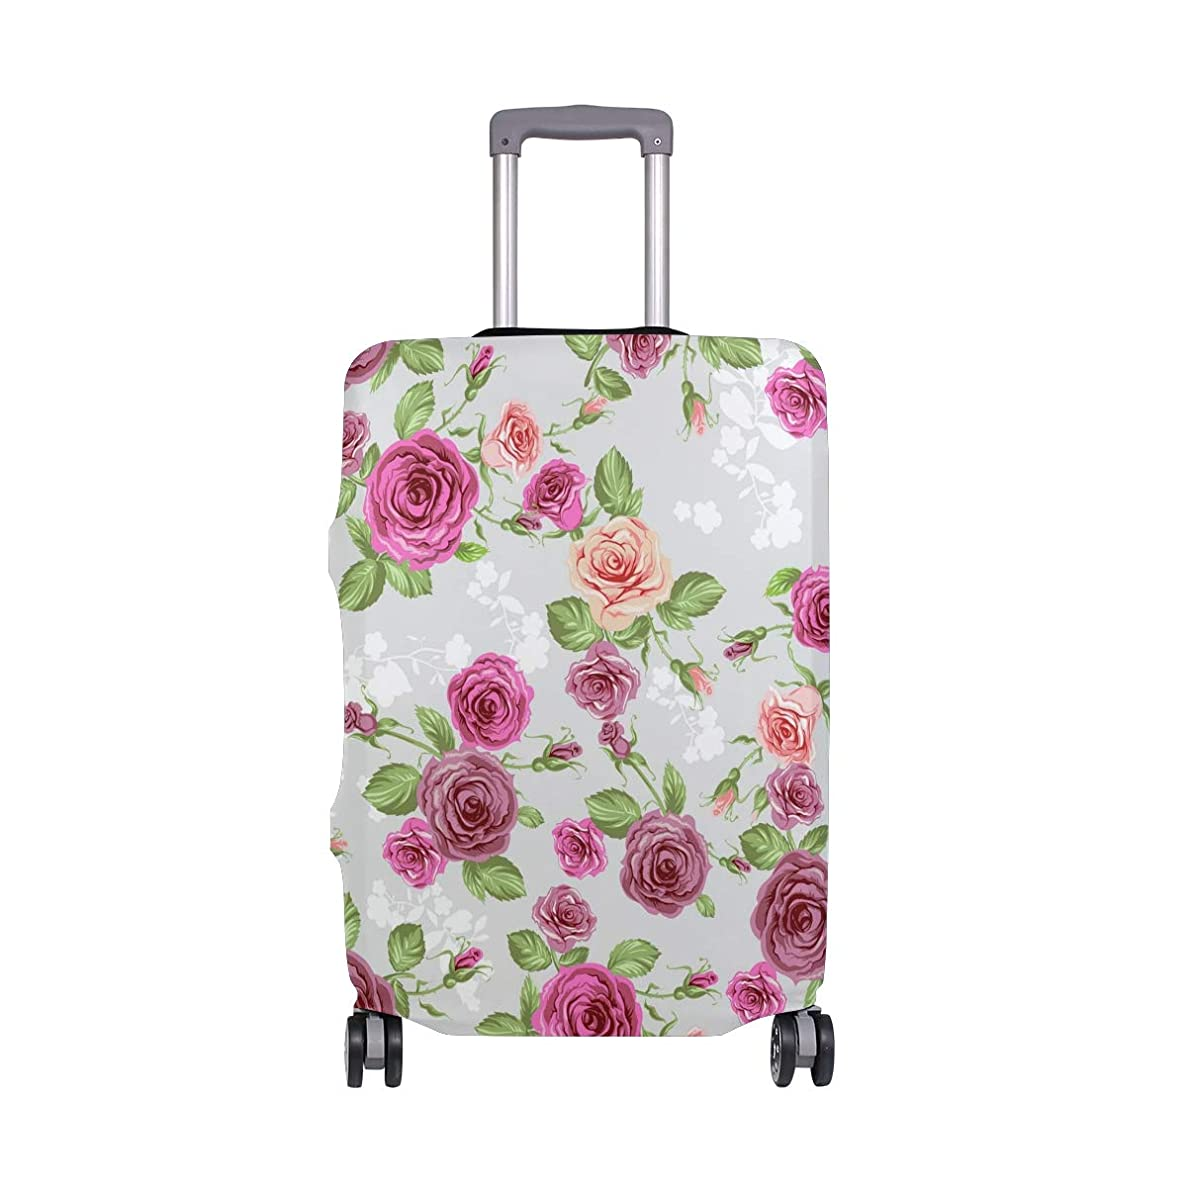 東まだ届けるビンテージローズ スーツケースカバー 弾性素材 おしゃれ トラベルダストカバー 傷防止 防塵カバー 洗える 18-32インチの荷物にフィット